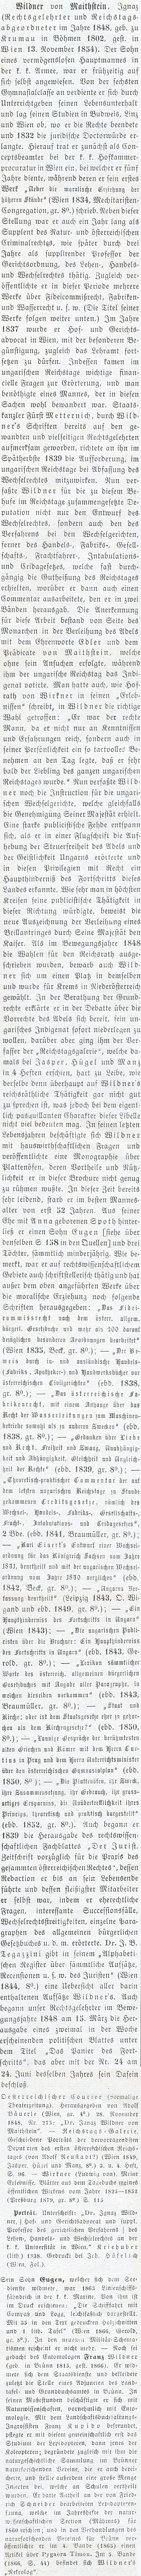 O něm ve Wurzbachově lexikonu významných osobností rakouského mocnářství